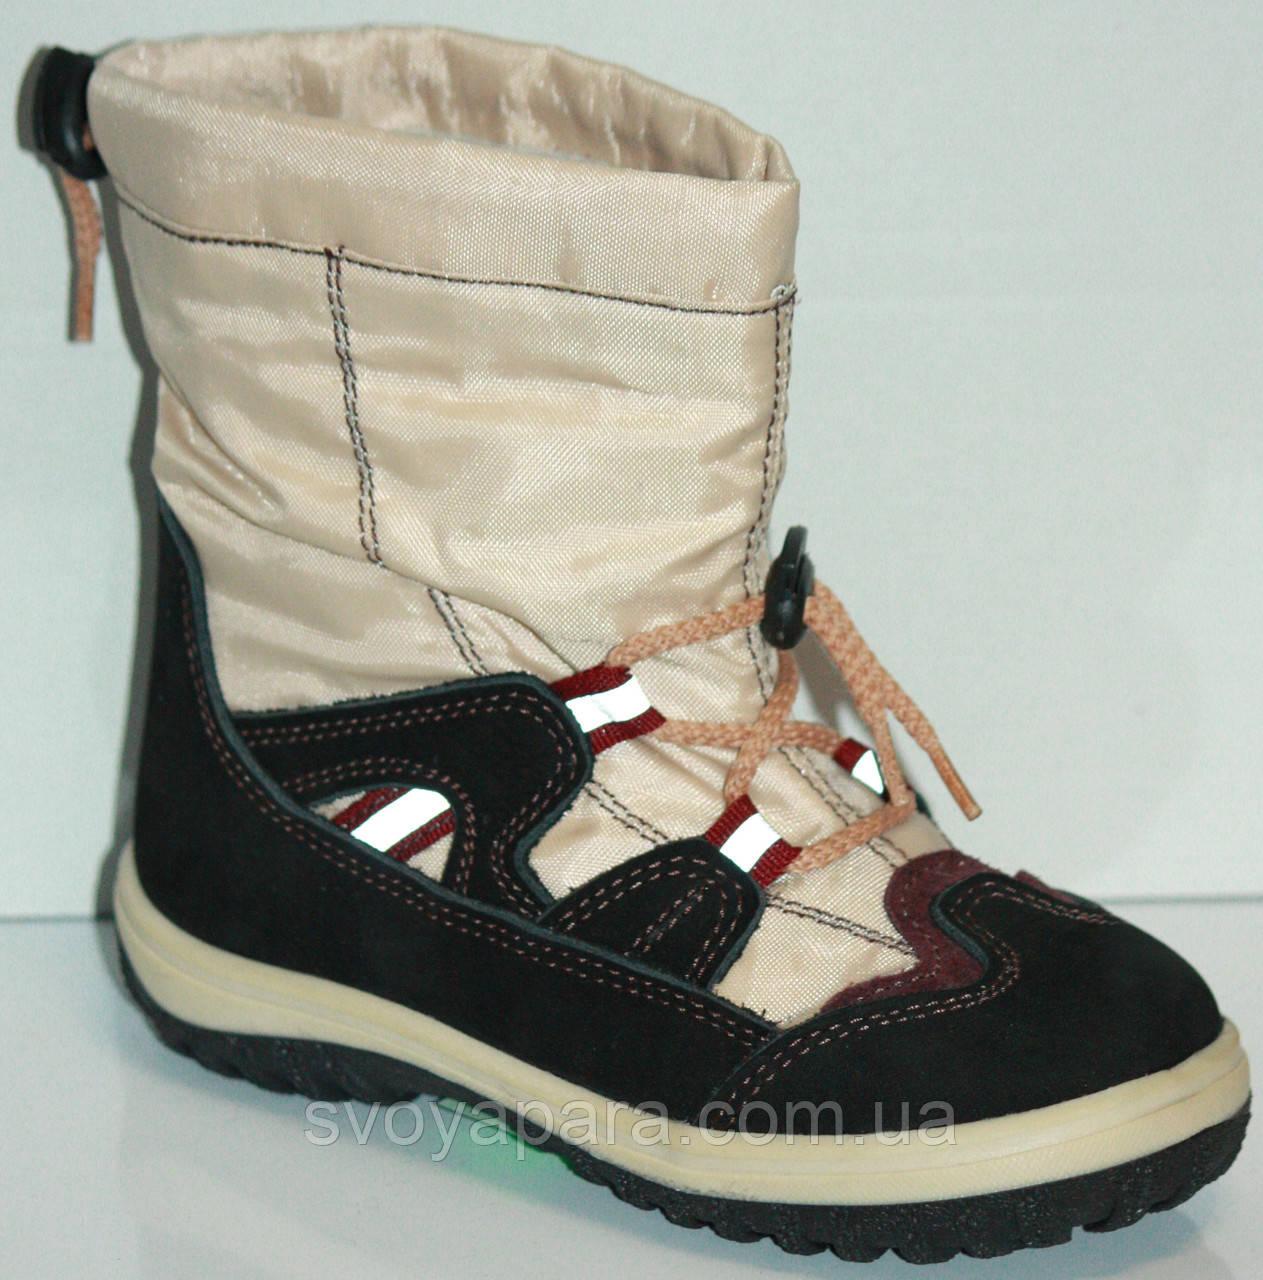 Сапоги детские зимние коричневые замшевые (0068)